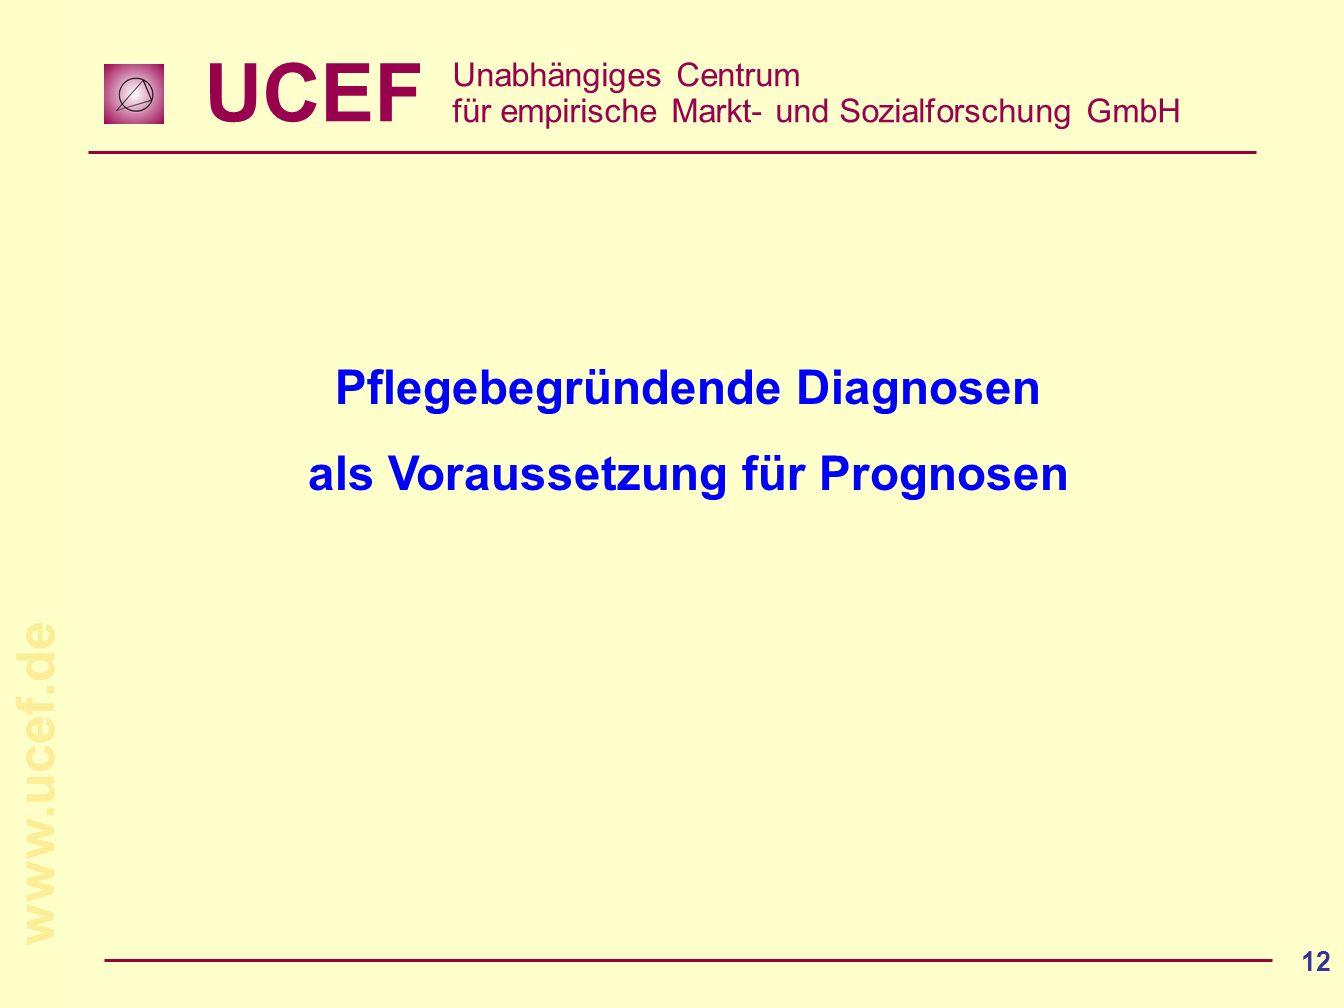 Pflegebegründende Diagnosen als Voraussetzung für Prognosen